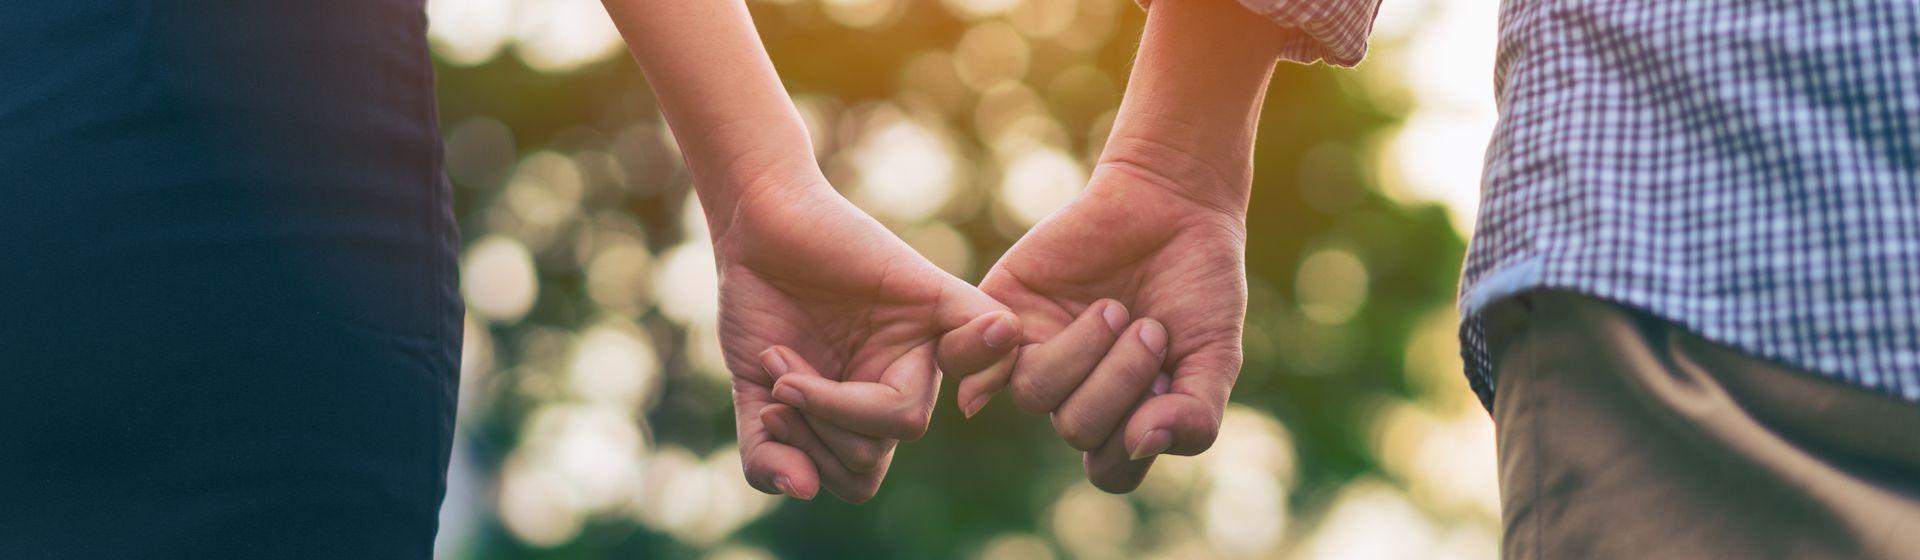 Dia dos Namorados 2020: 5 ideias de presentes em conta para a data